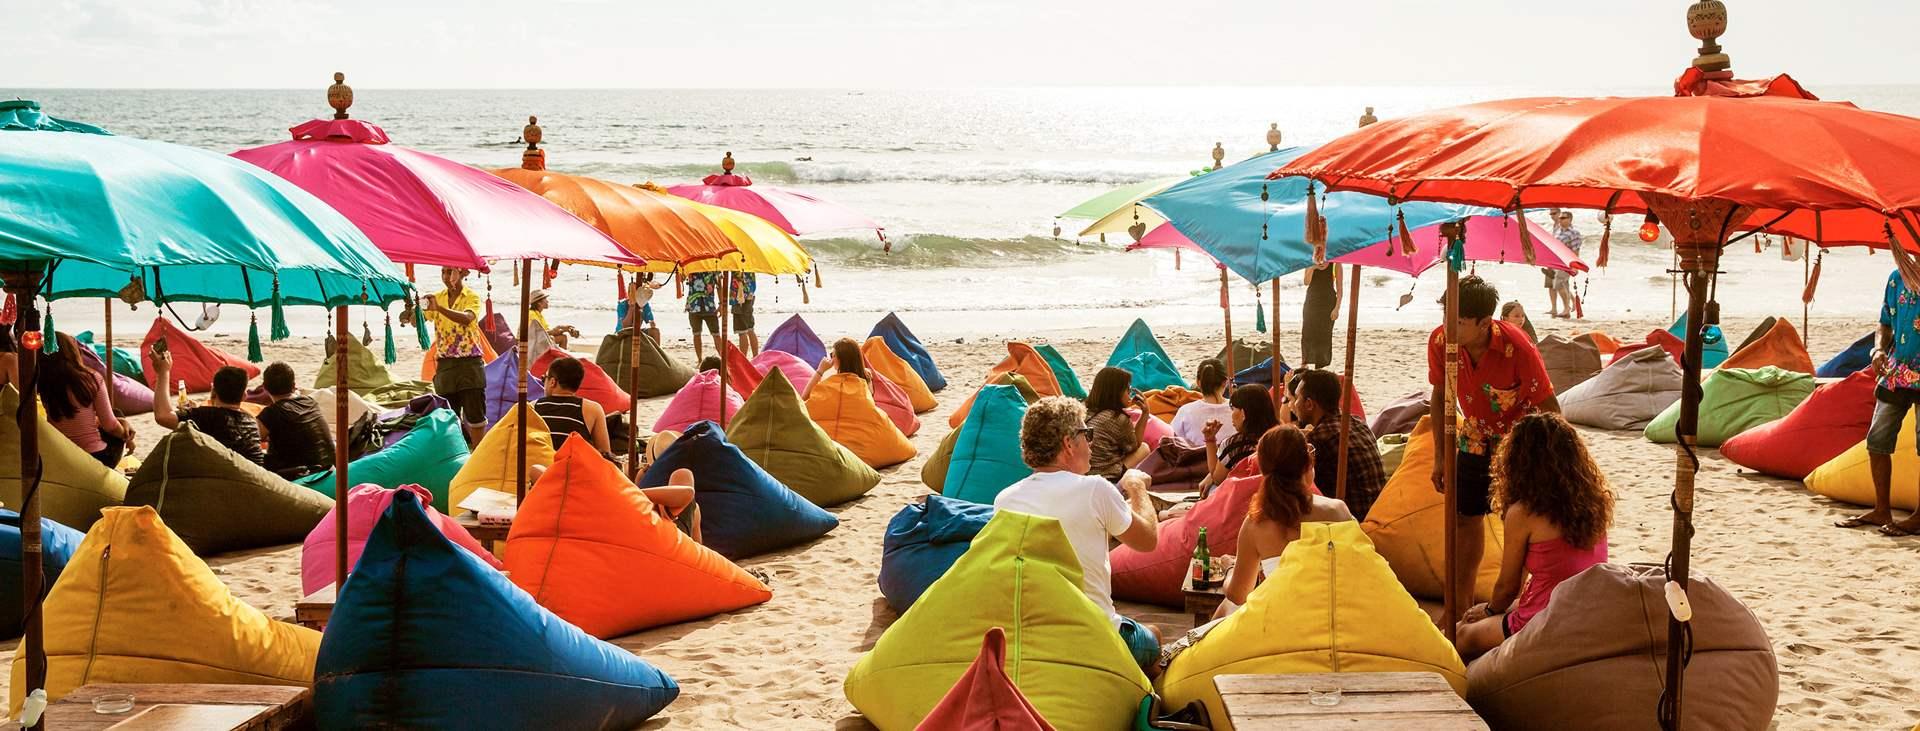 Resor till Kuta Beach på Bali